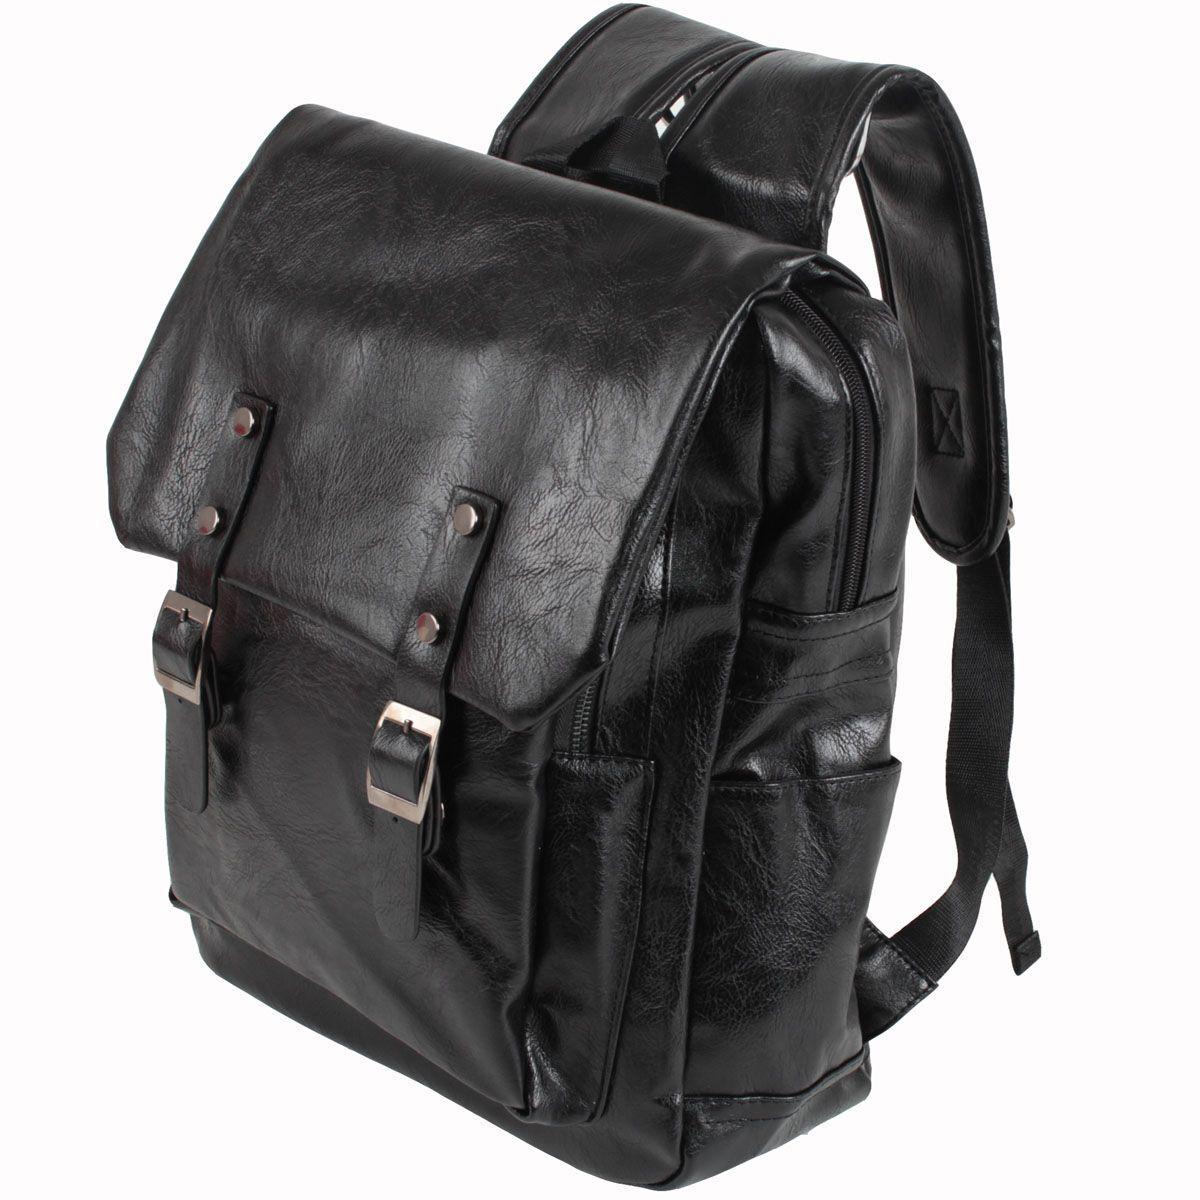 Сумка-рюкзак Flioraj, цвет: черный. 0931 черн0931 чернЖенская сумка-рюкзак Flioraj выполнена из экокожи. Она закрывается на две магнитные кнопки и молнию. Внутри одно отделение, карман на молнии, открытый карман, два кармана для мобильного телефона. С снаружи карман на молнии и два открытых кармана.Высота ручки: 9 см. Размер: 31 х 12 х 40 см.